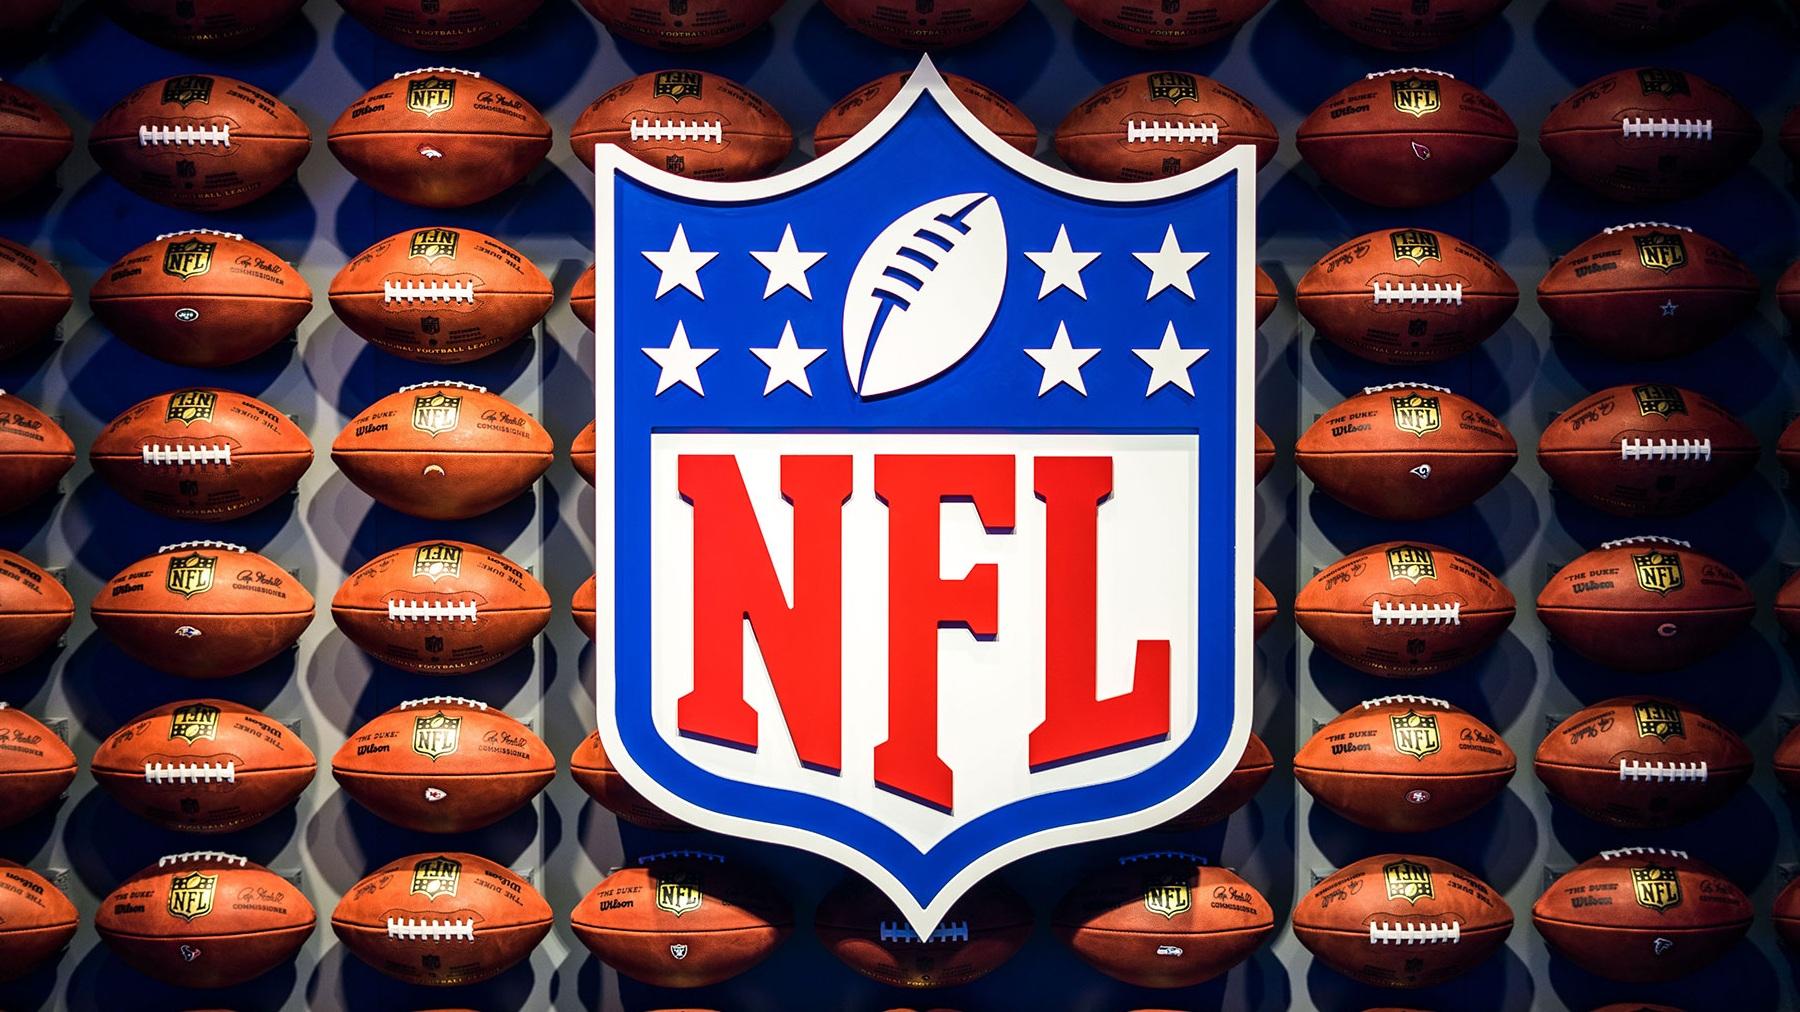 NFL-resor / matchbiljetter - Gruppresor. Skräddarsydda resor. Endast matchbiljetter.